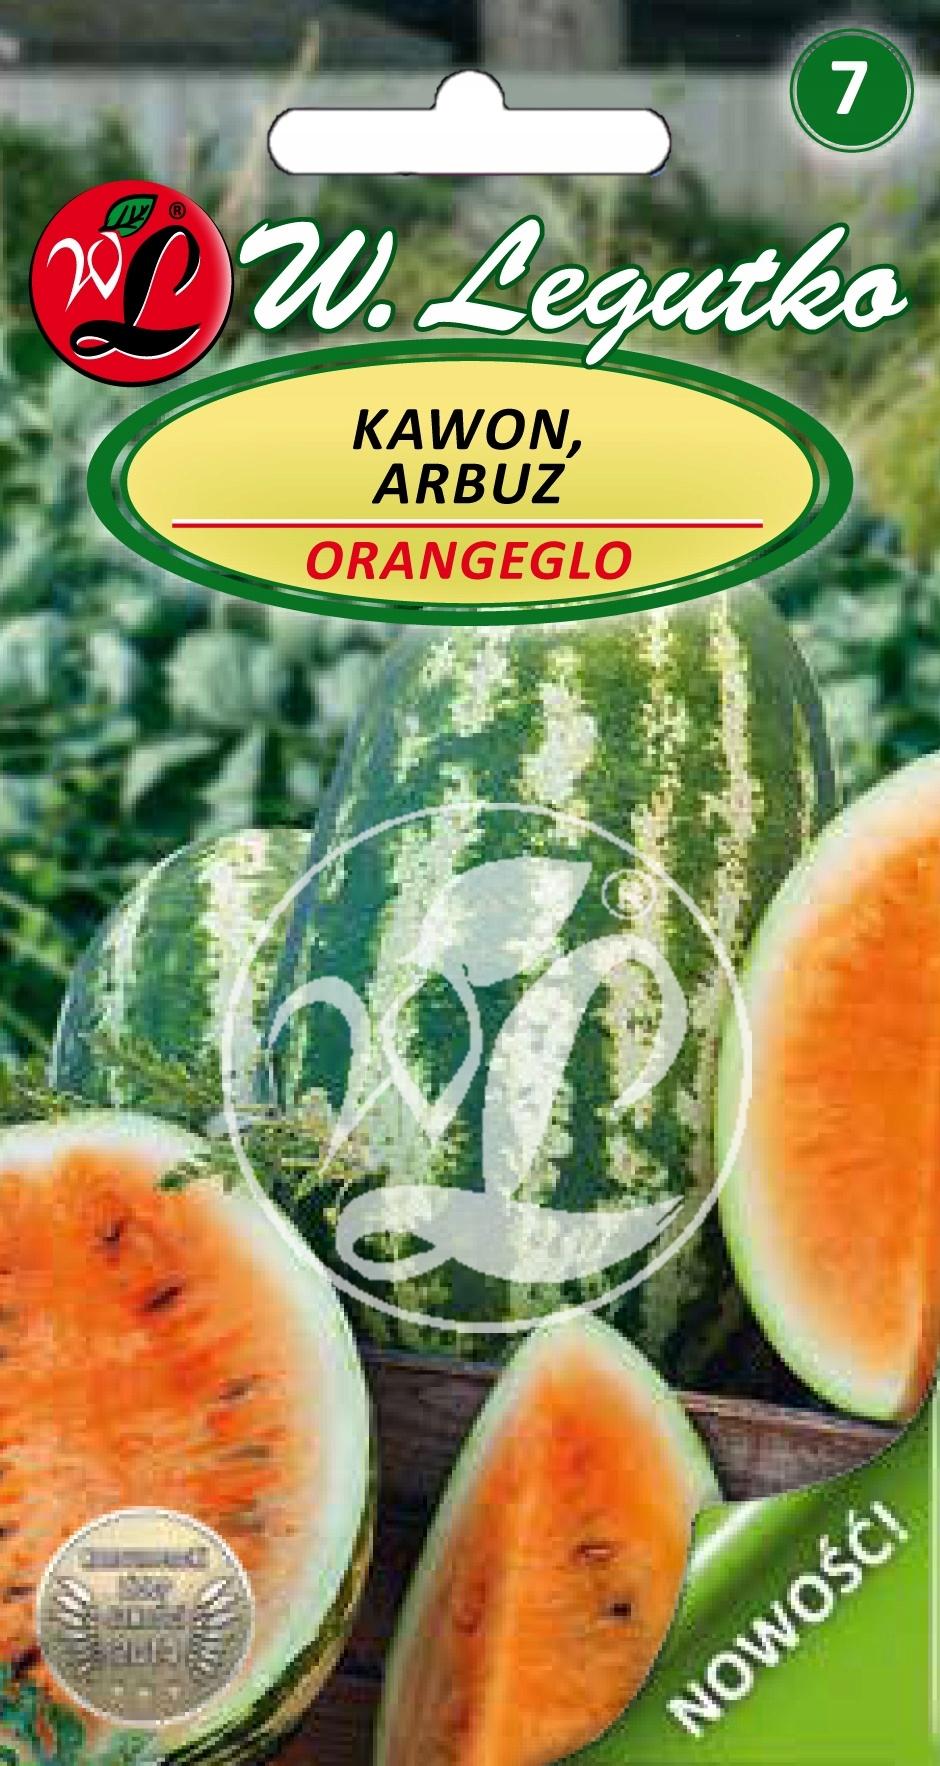 OwL Arbuz Kawon pomarańczowy Orangeglo nasiona 1g